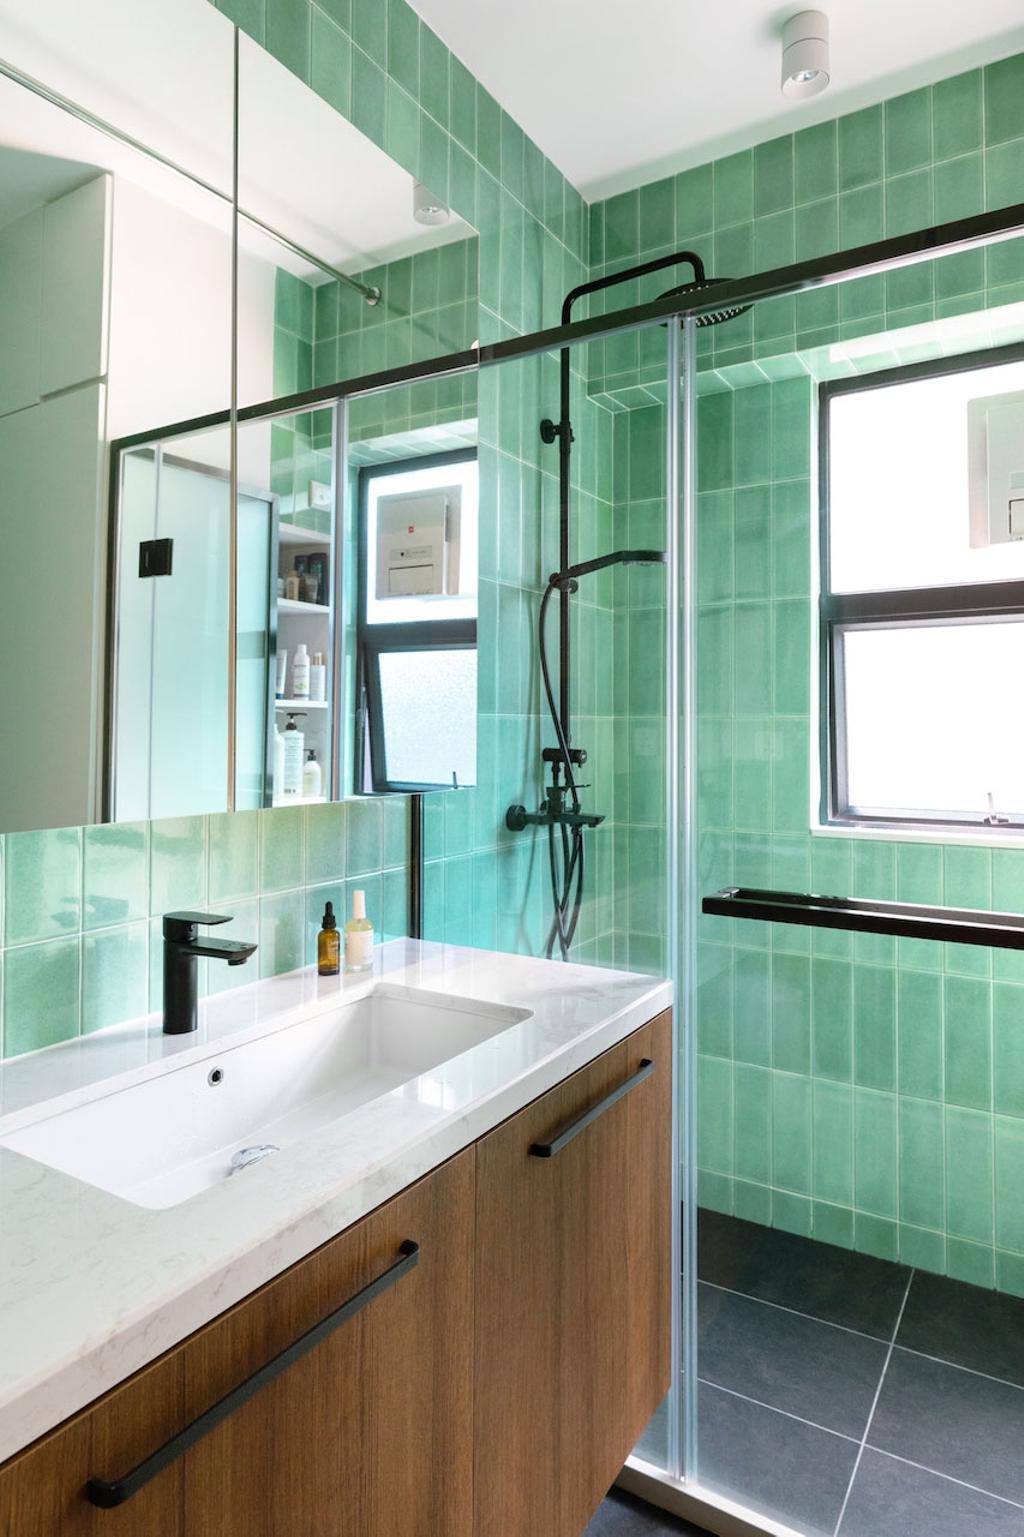 隨性, 私家樓, 浴室, 偉基樓, 室內設計師, MAD Studio Limited